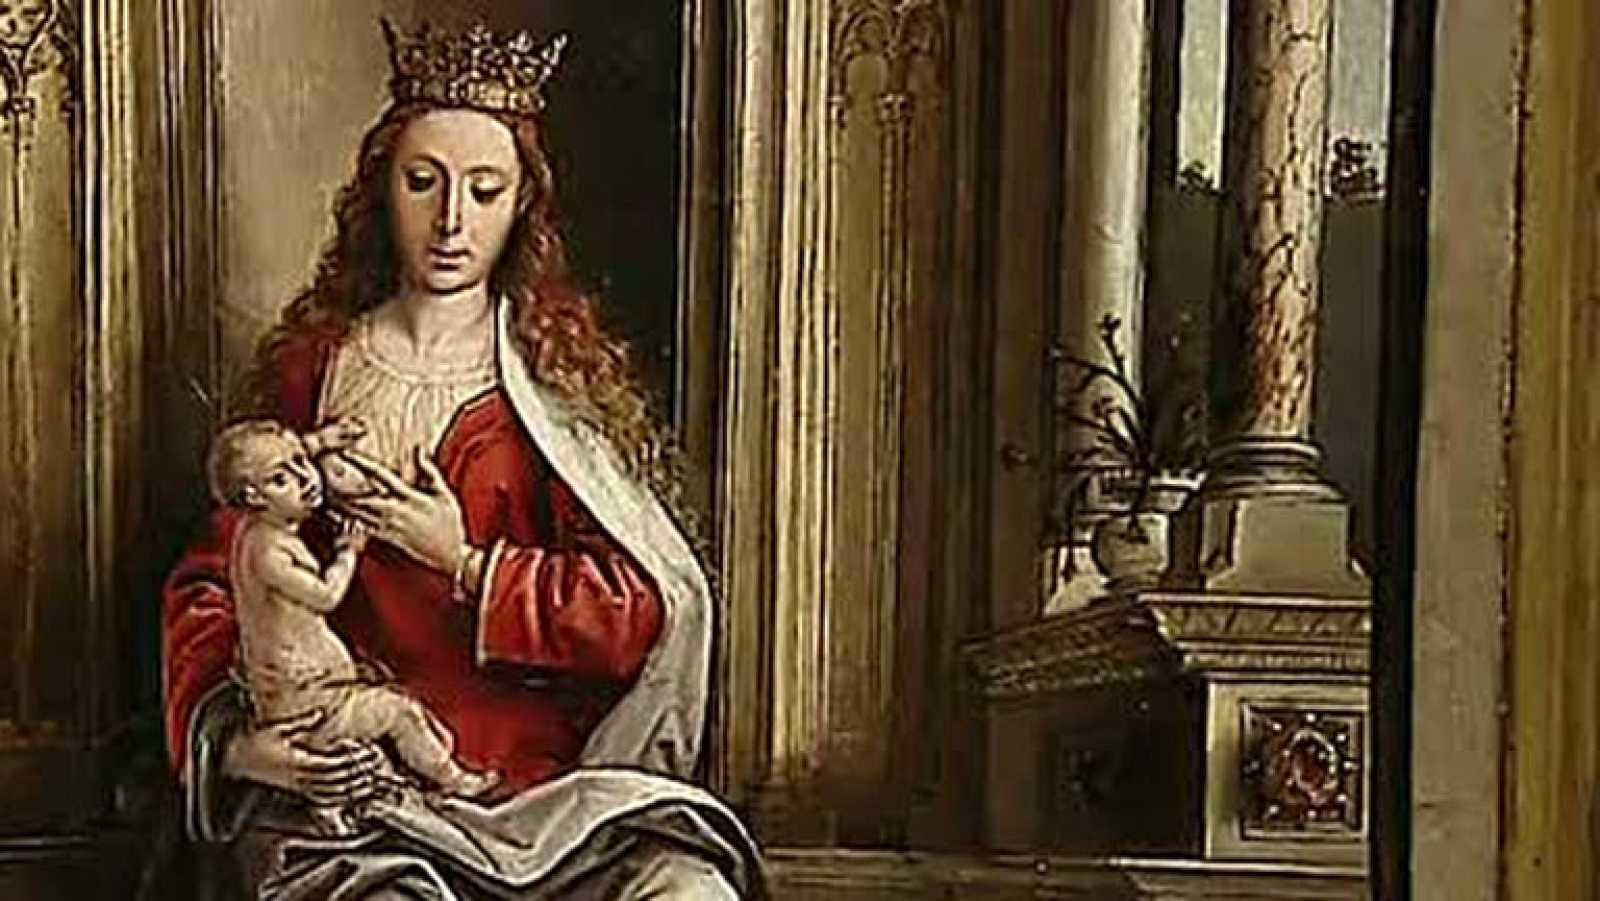 """La """"Virgen de la Leche"""", de Berruguete, enriquece la colección del Prado"""